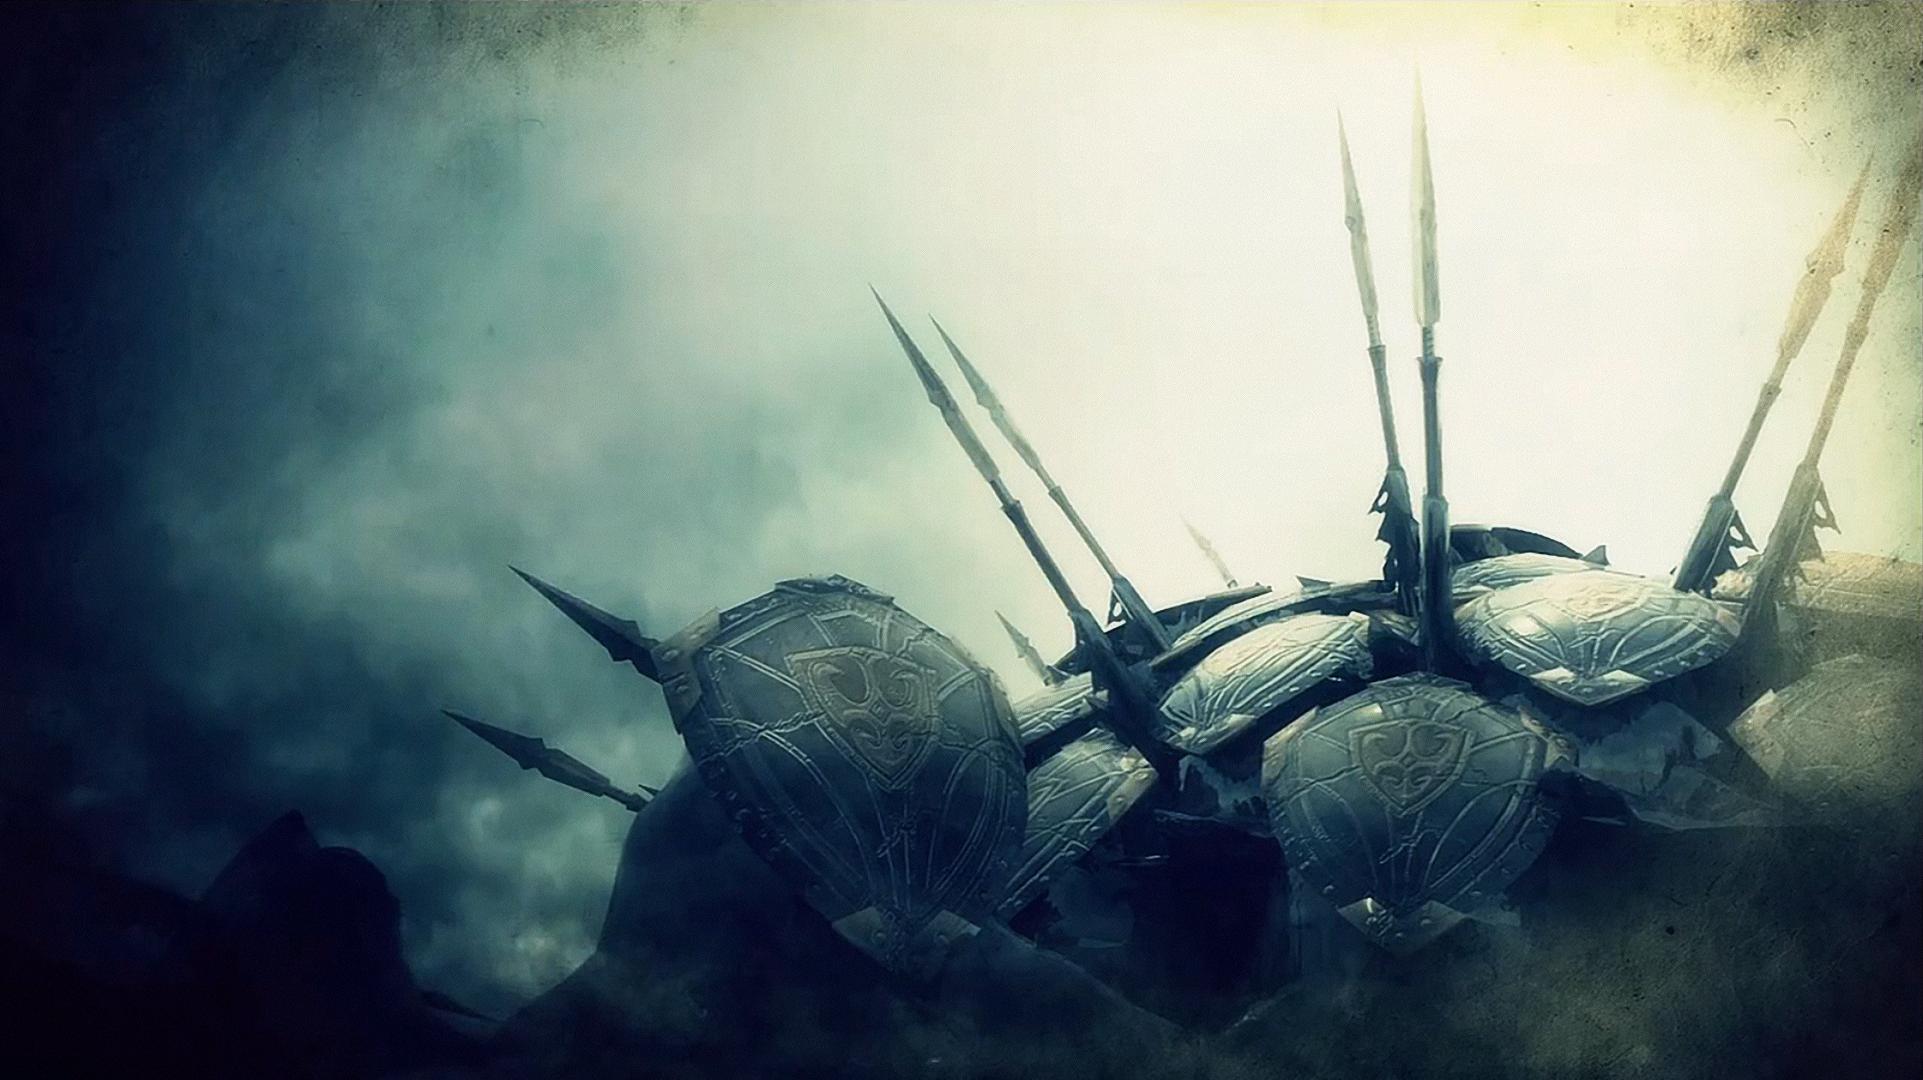 Nếu chưa biết tài dụng binh kiệt xuất của Alexander Đại đế, hãy xem trận đánh này của ông - Ảnh 3.